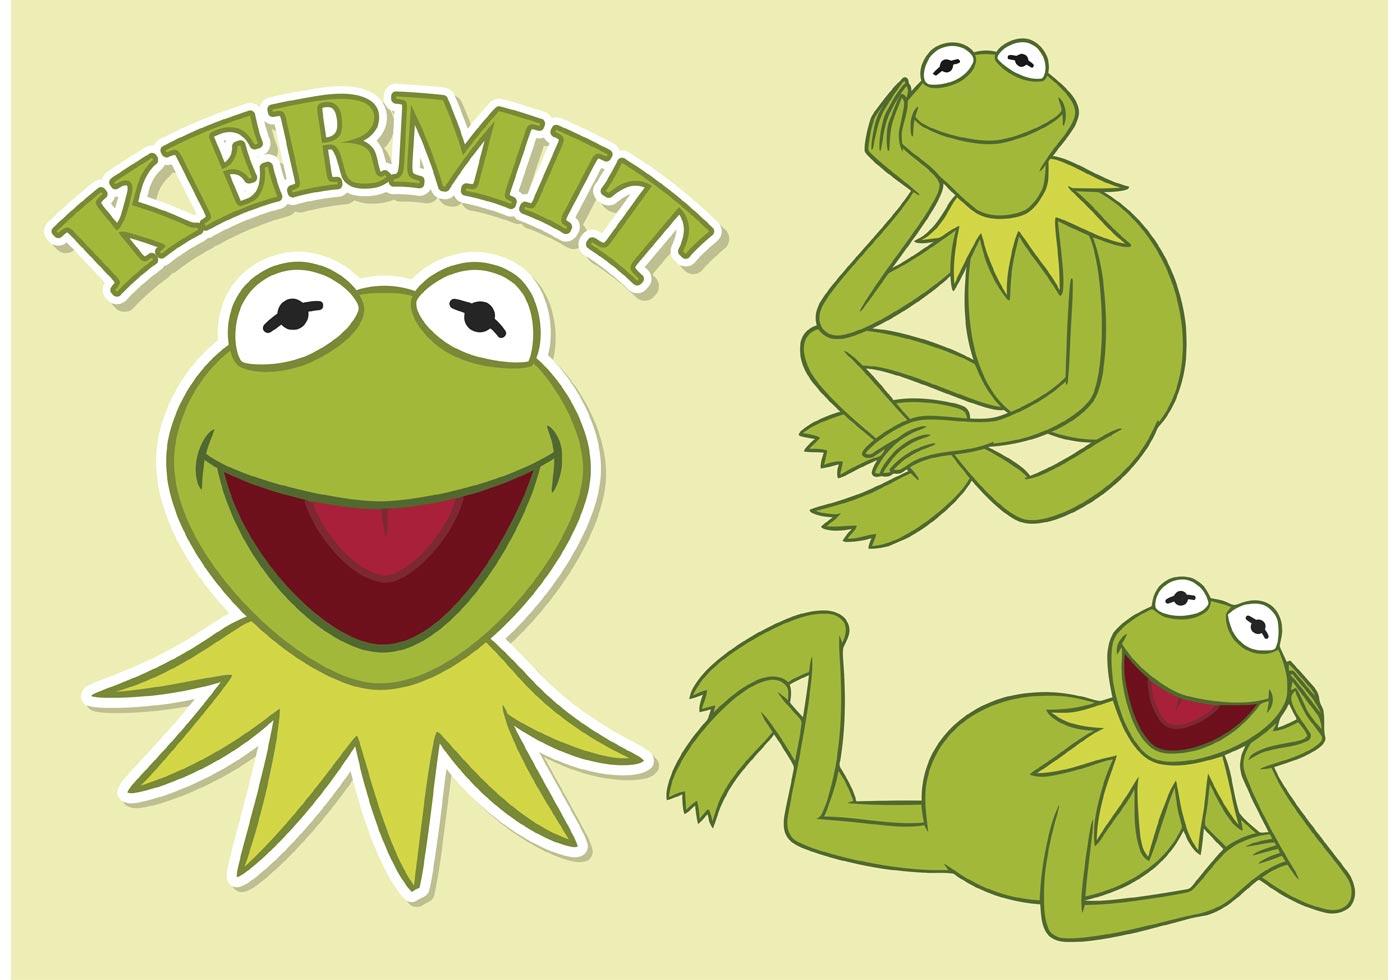 Free Vector Kermit The Frog Download Free Vector Art Stock